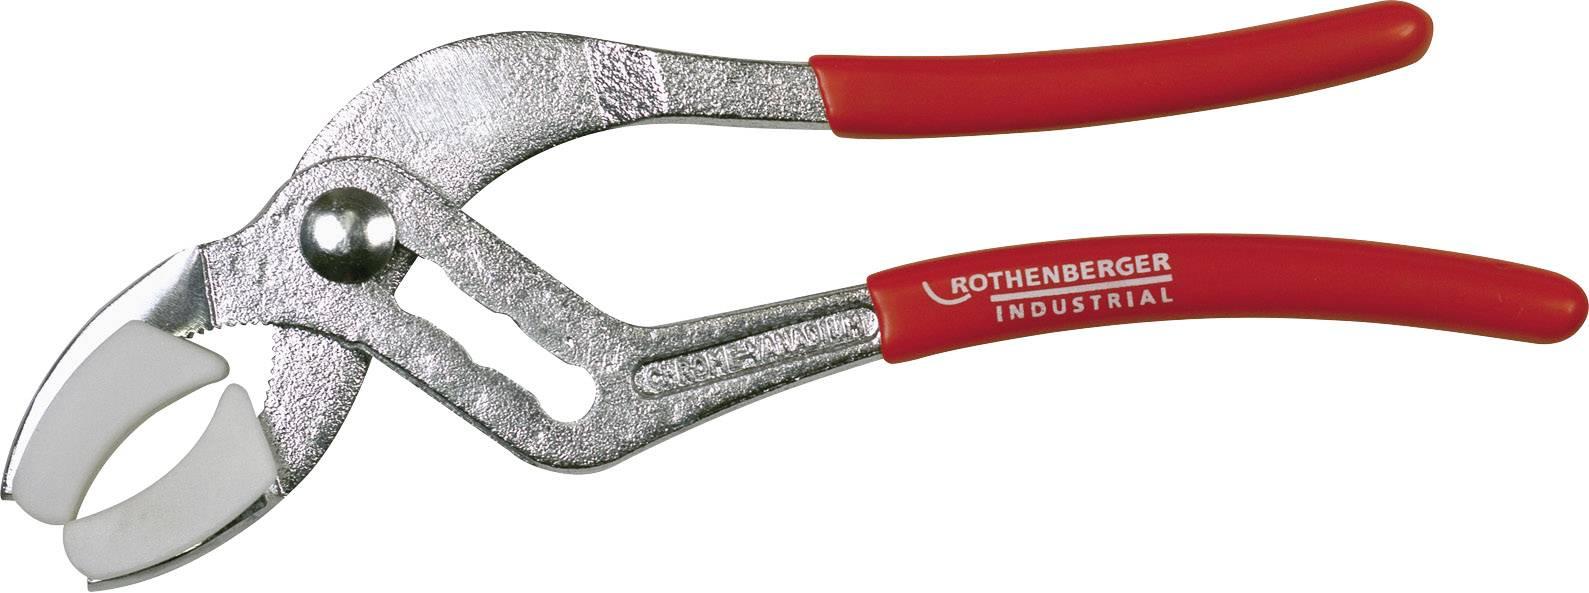 Kleště na sifon Rothenberger Industrial SANIGRIP 070662E, 250 mm